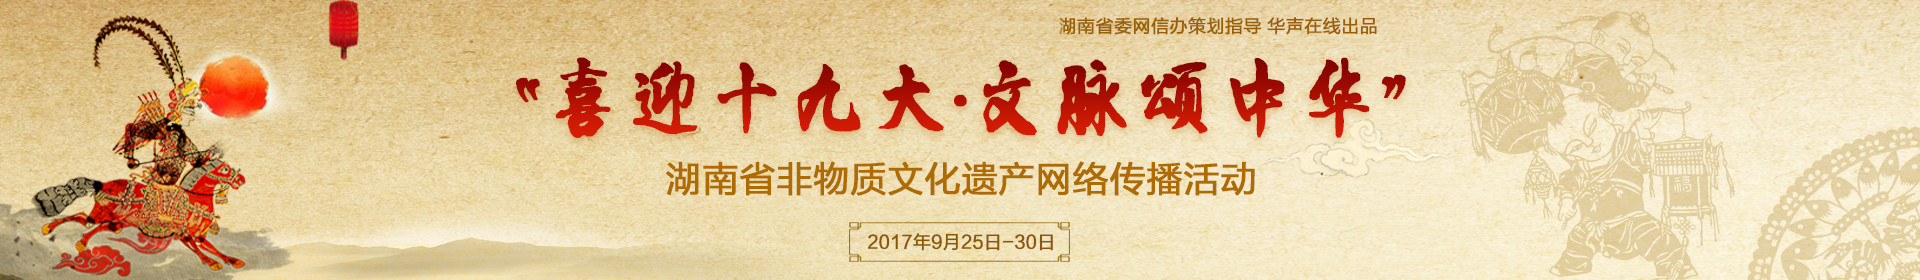 """""""喜庆十九大•文脉颂中华""""湖南""""非遗""""网络传播活动"""